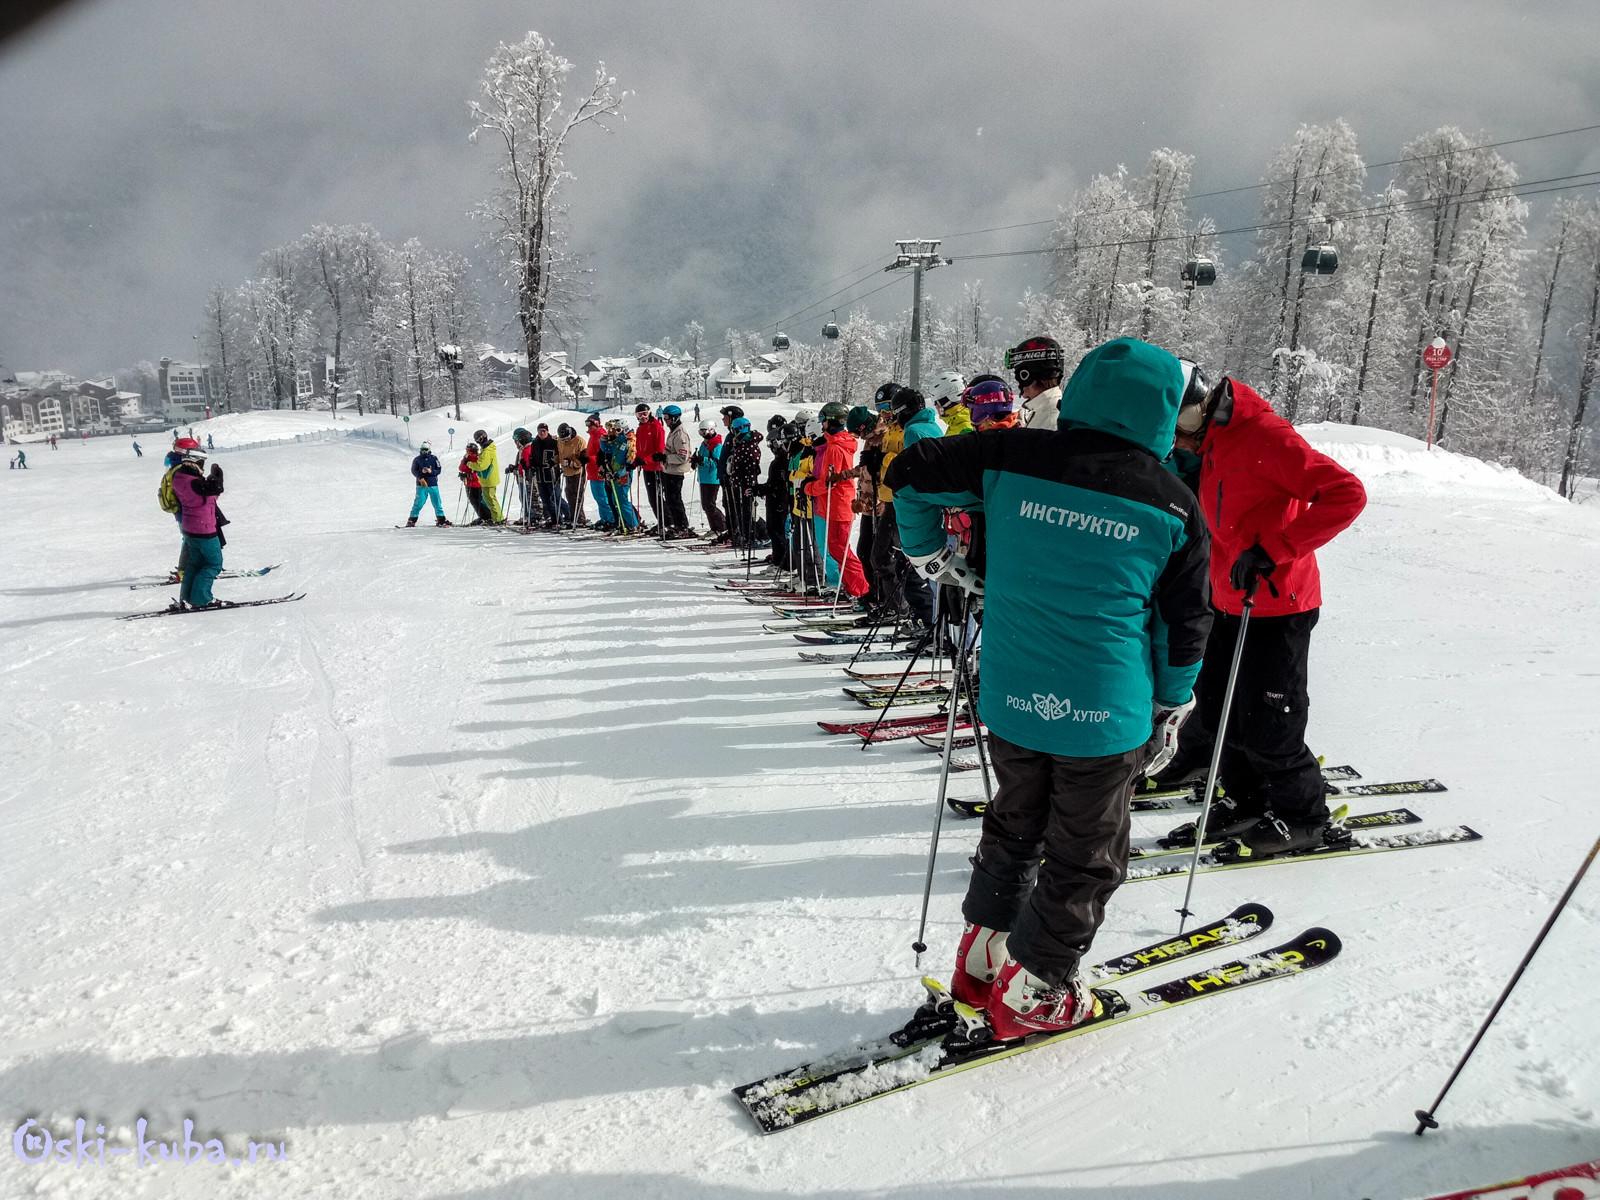 Ученики горнолыжных школ  кто такие и чего они ждут f111449d921